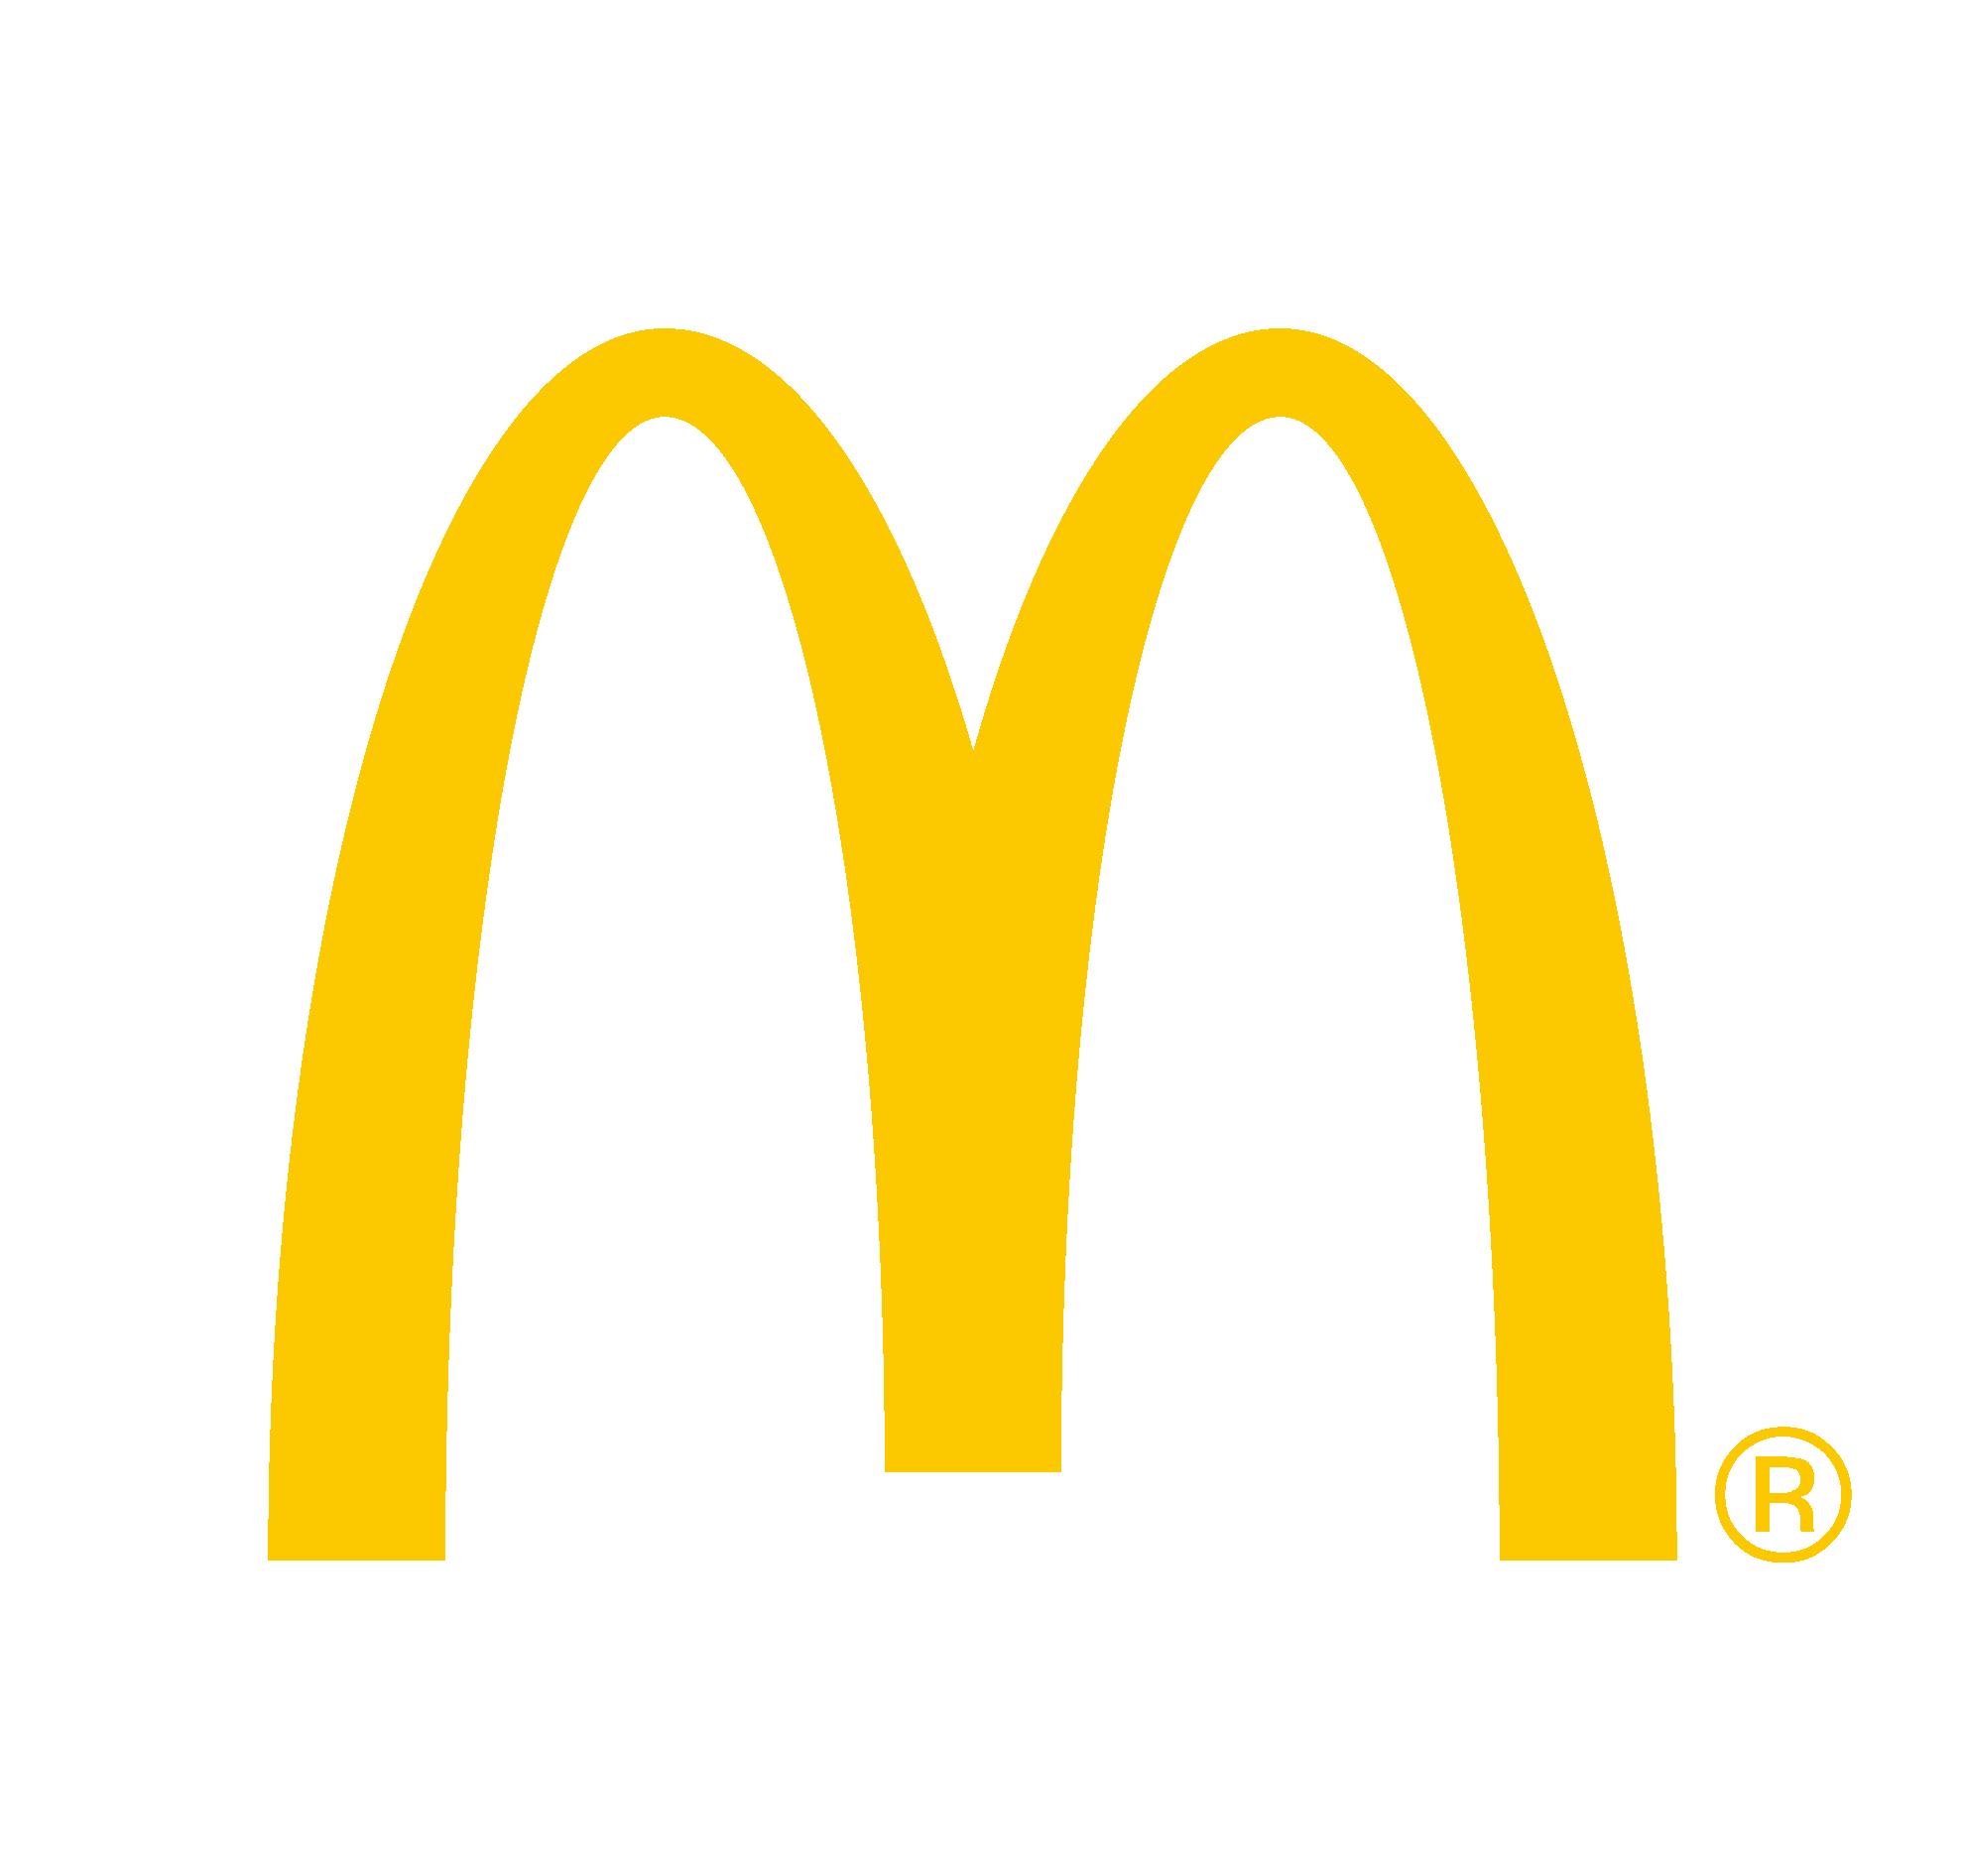 南京金拱门食品有限公司